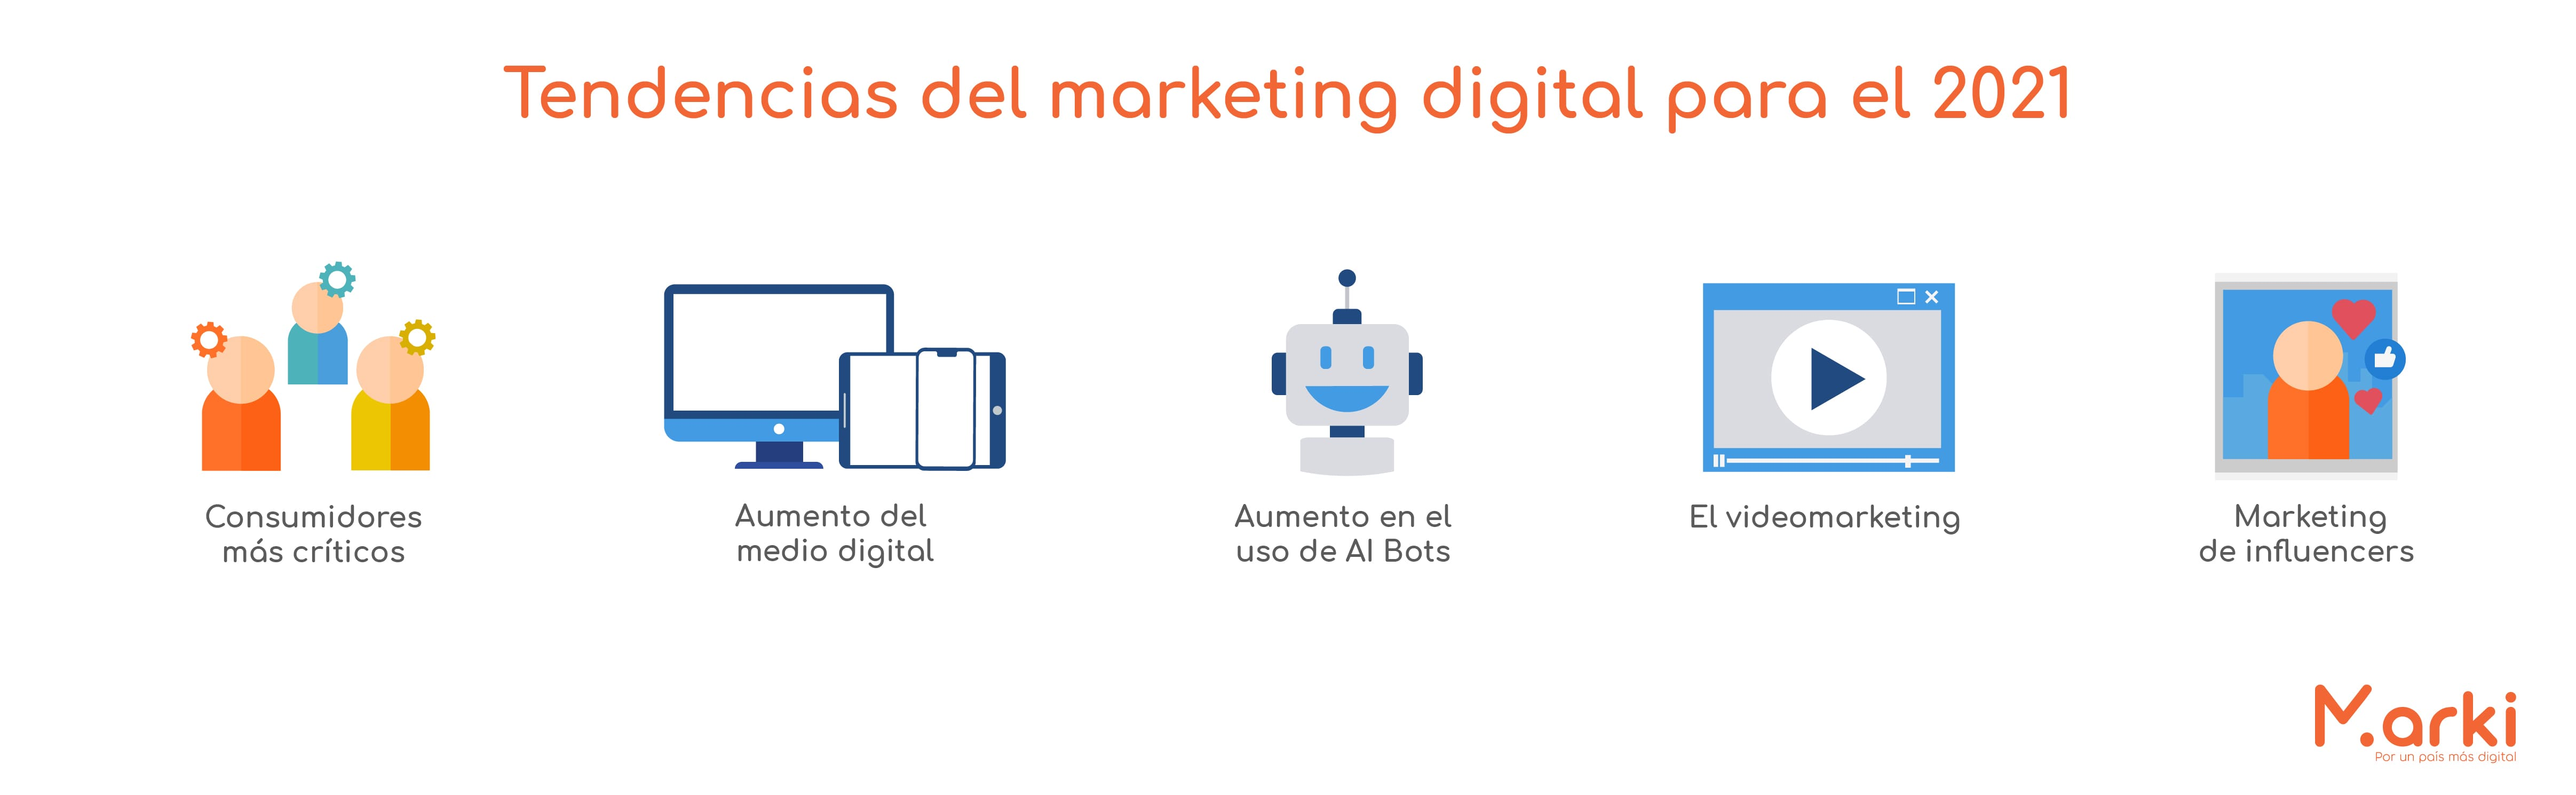 tendencias del marketing digital 2021 evolucion del marketing digital la evolucion del marketing digital la nueva era digital como surgio el marketing digital los negocios en la era digital voluntarios universitarios voluntariado peru voluntariado online voluntariado marki